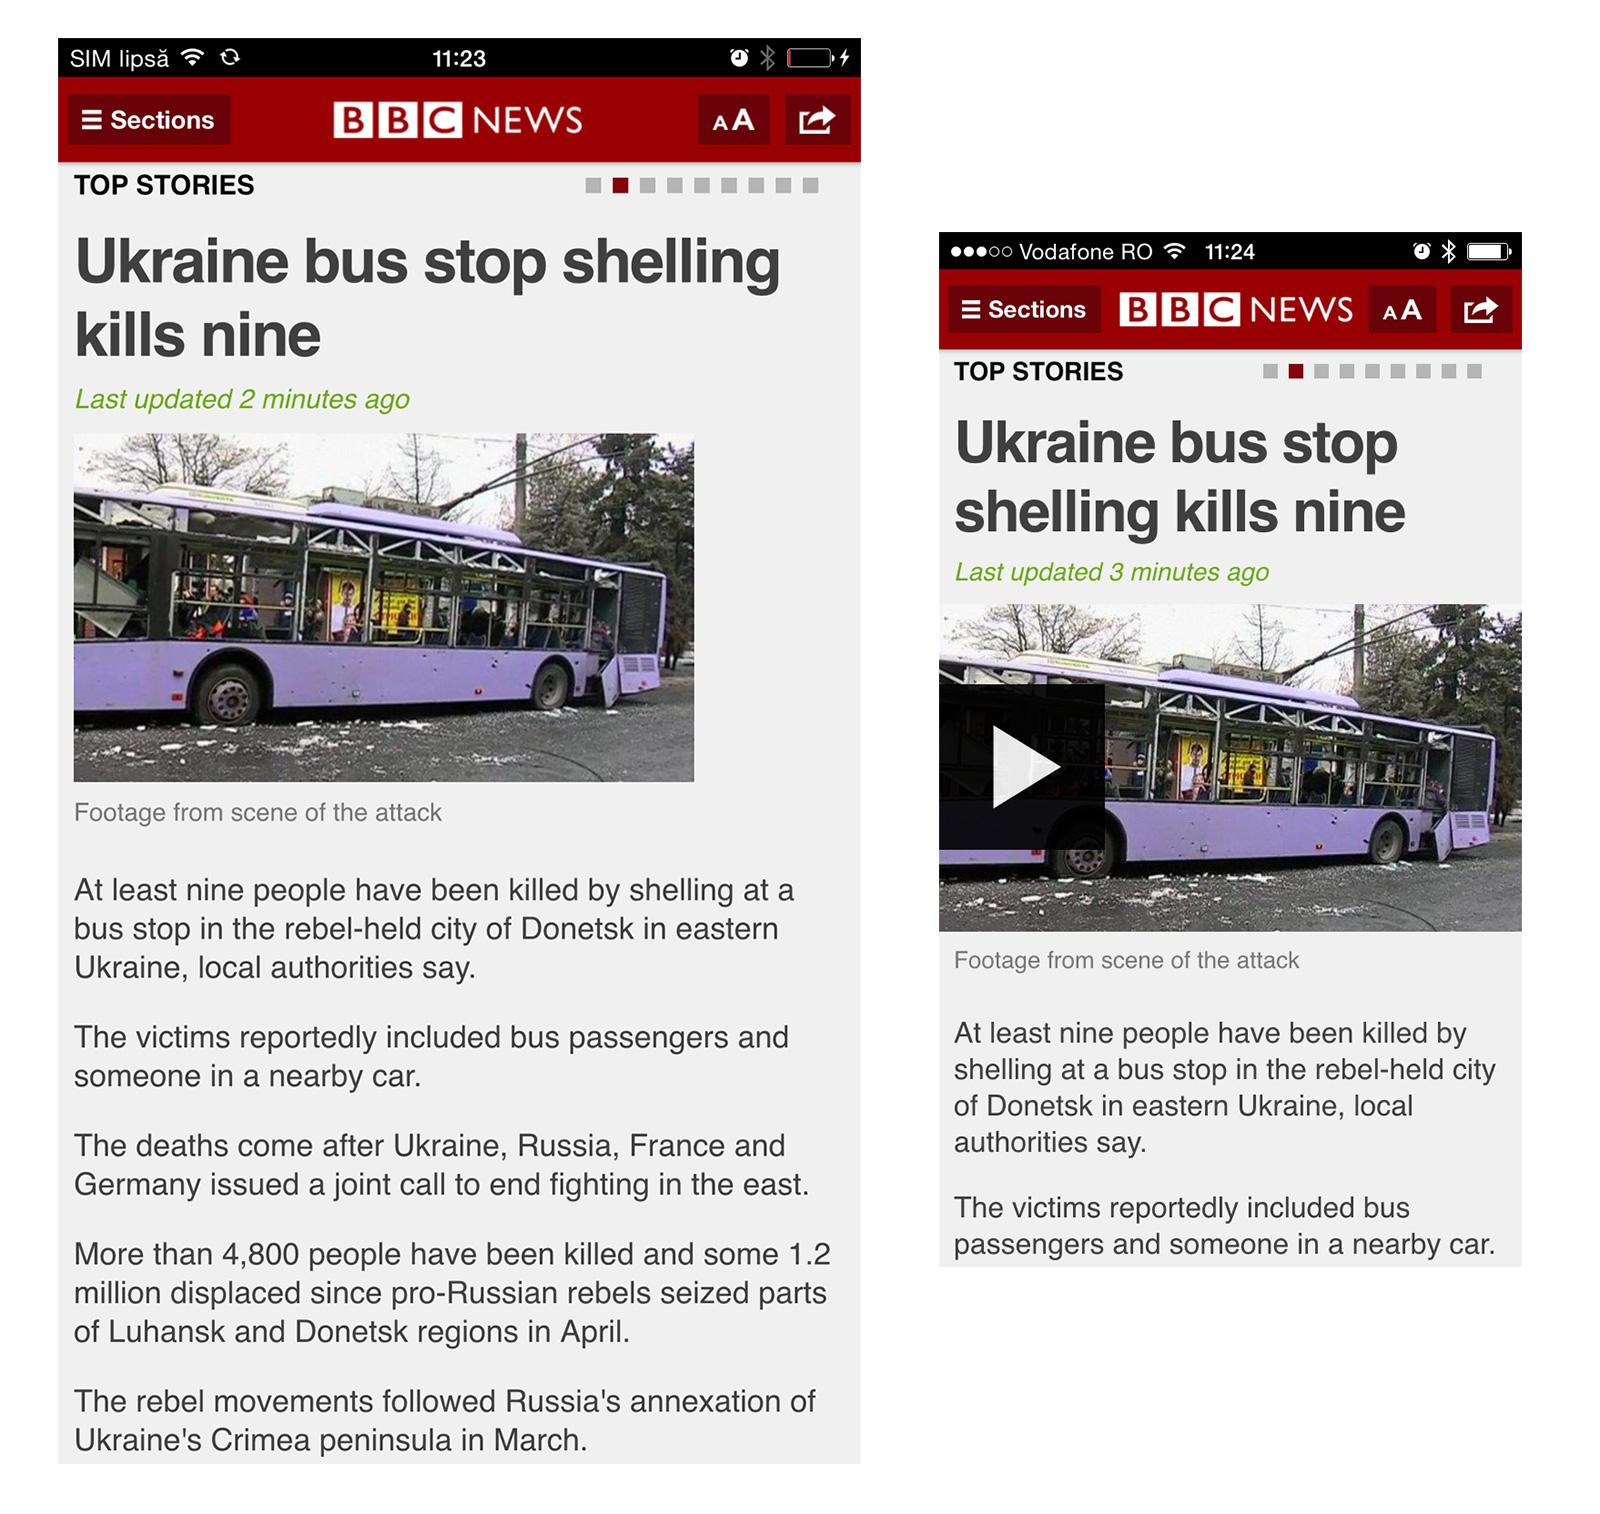 Aplicația de știri a BBC pe iPhone 6 plus și pe iPhone 5. Pe phablet (6 plus) e mai sărăcăcioasă și dezordonată - vezi și dimensiunile pozei